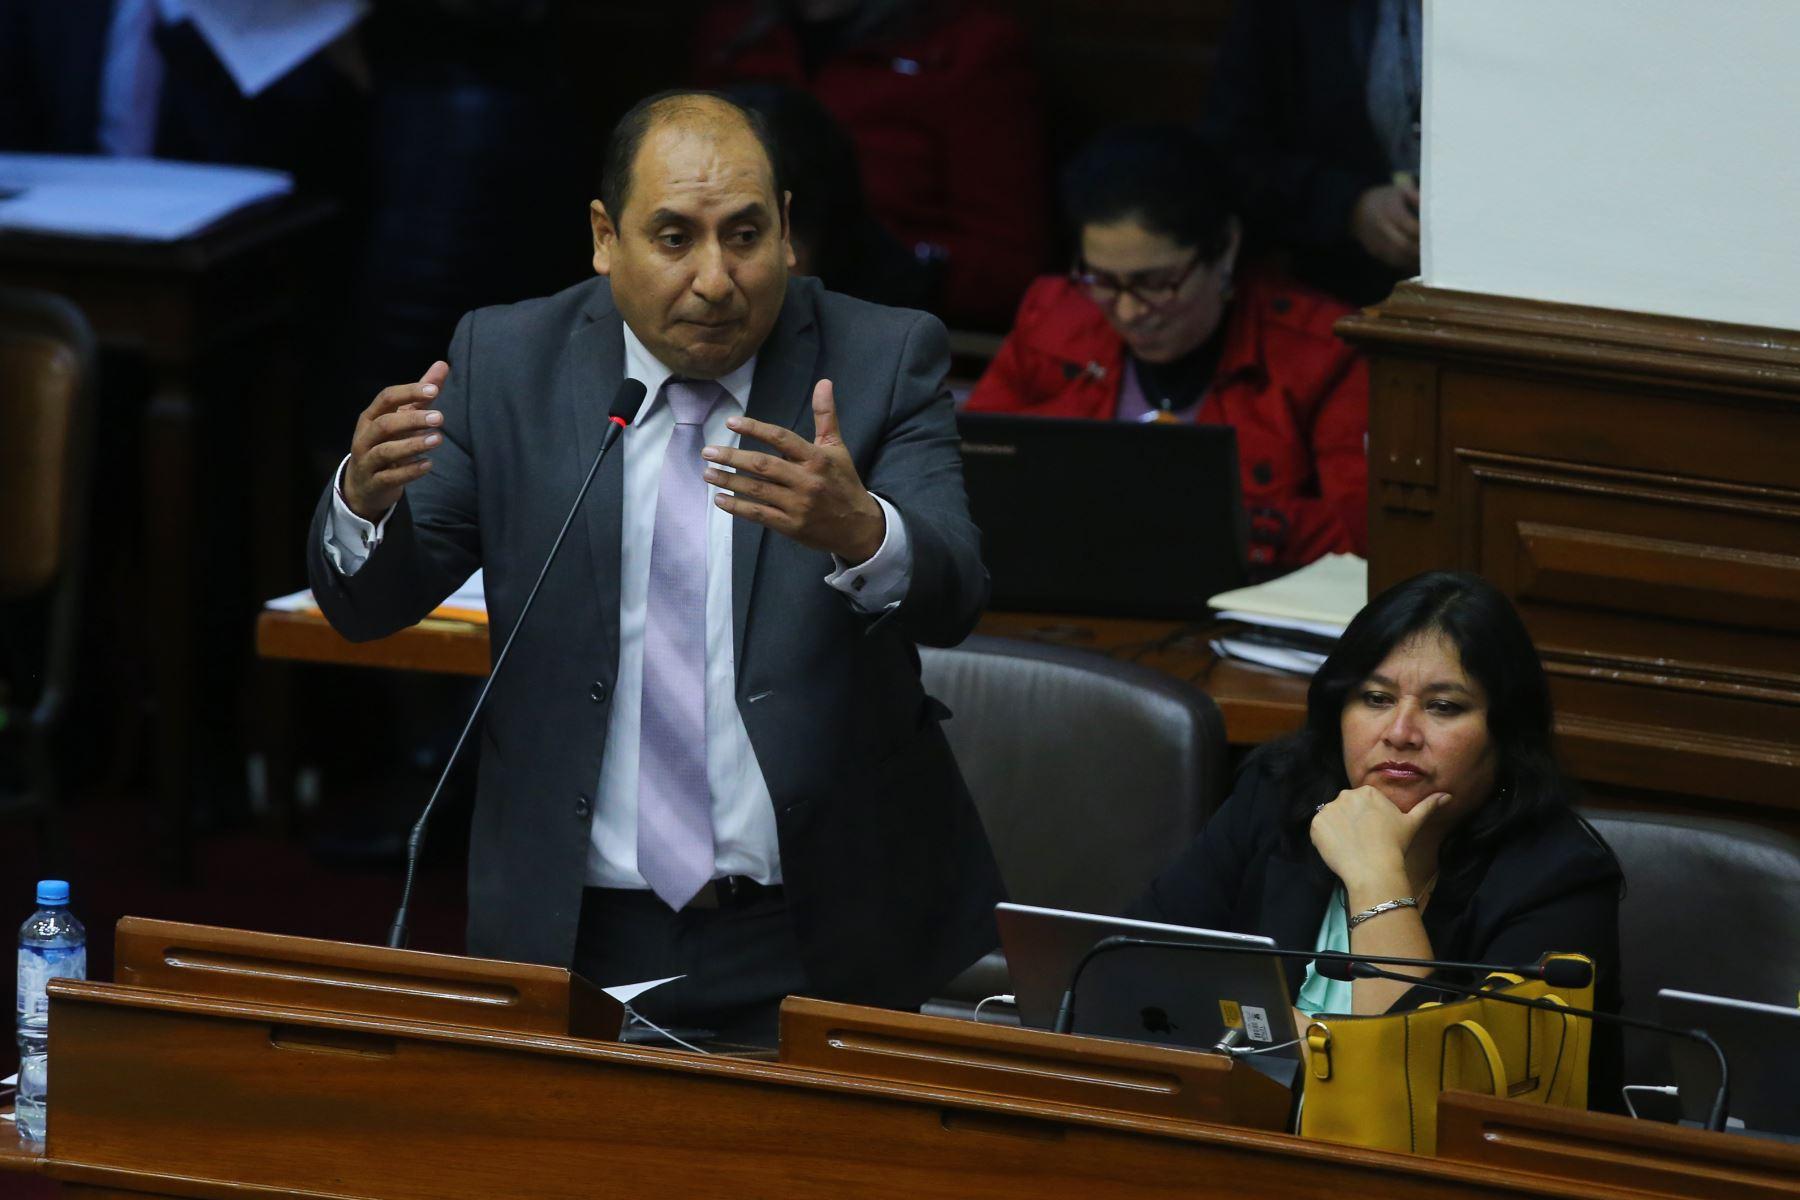 Congresista Richard Arce de la Bancada Nuevo Perú interviene en el debate sobre la cuestión de confianza en el Congreso de la República. Foto: ANDINA/Vidal Tarqui